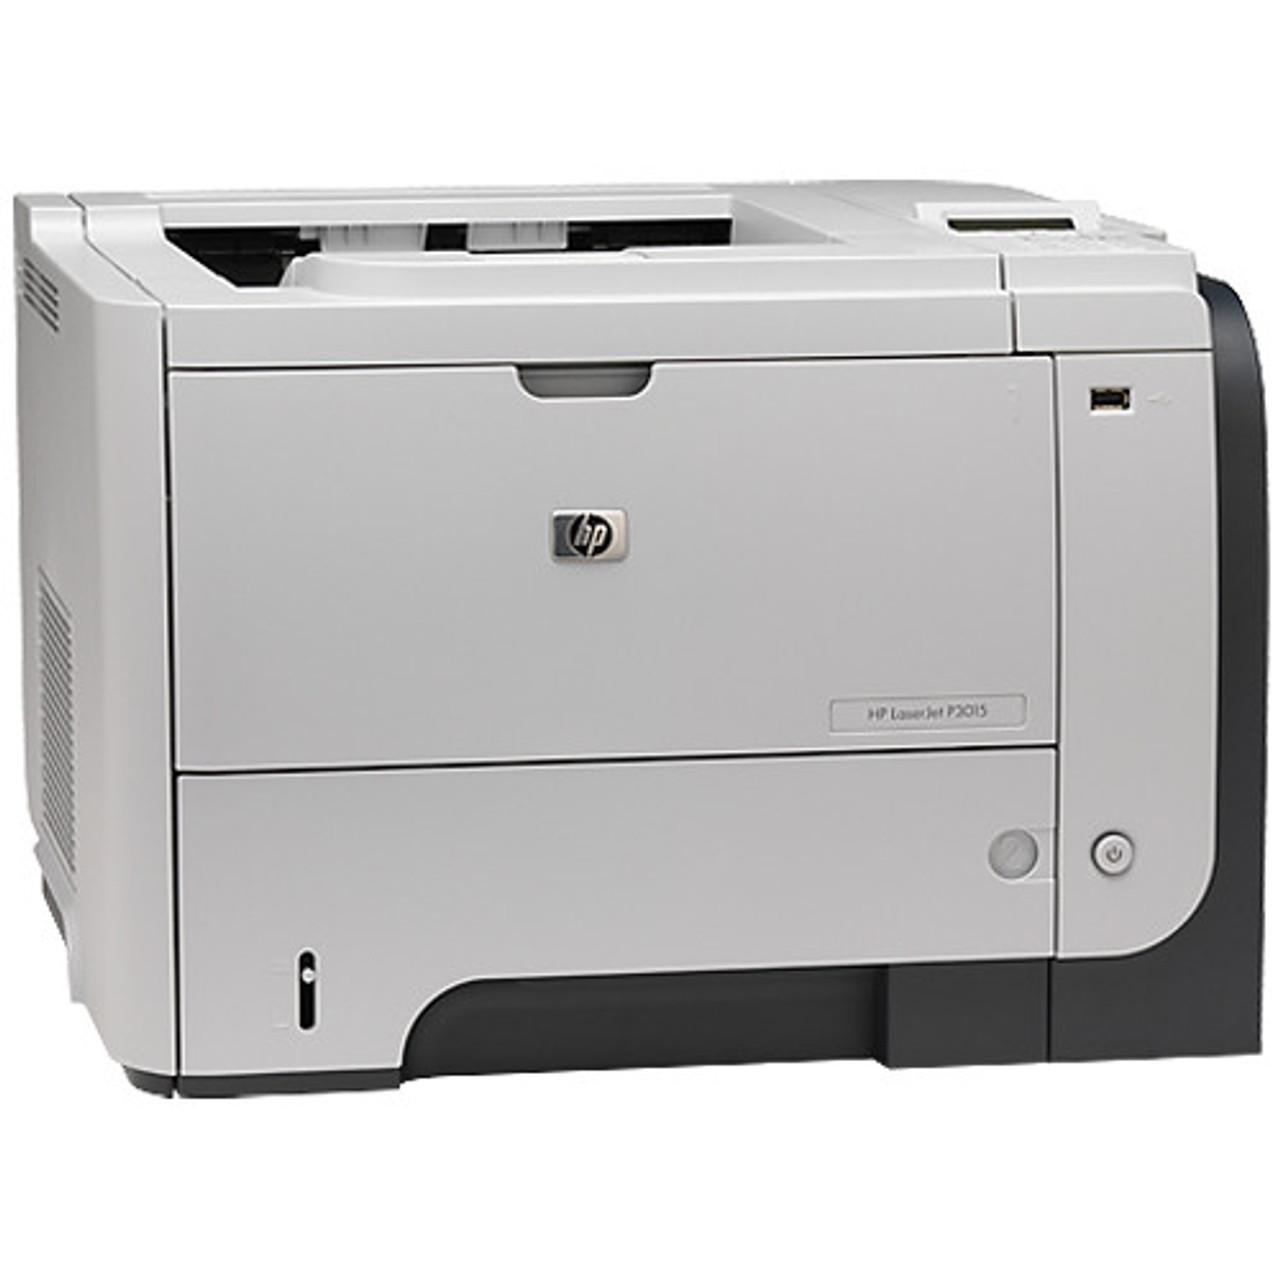 HP LaserJet P3015n - CE527A - HP Laser Printer for sale